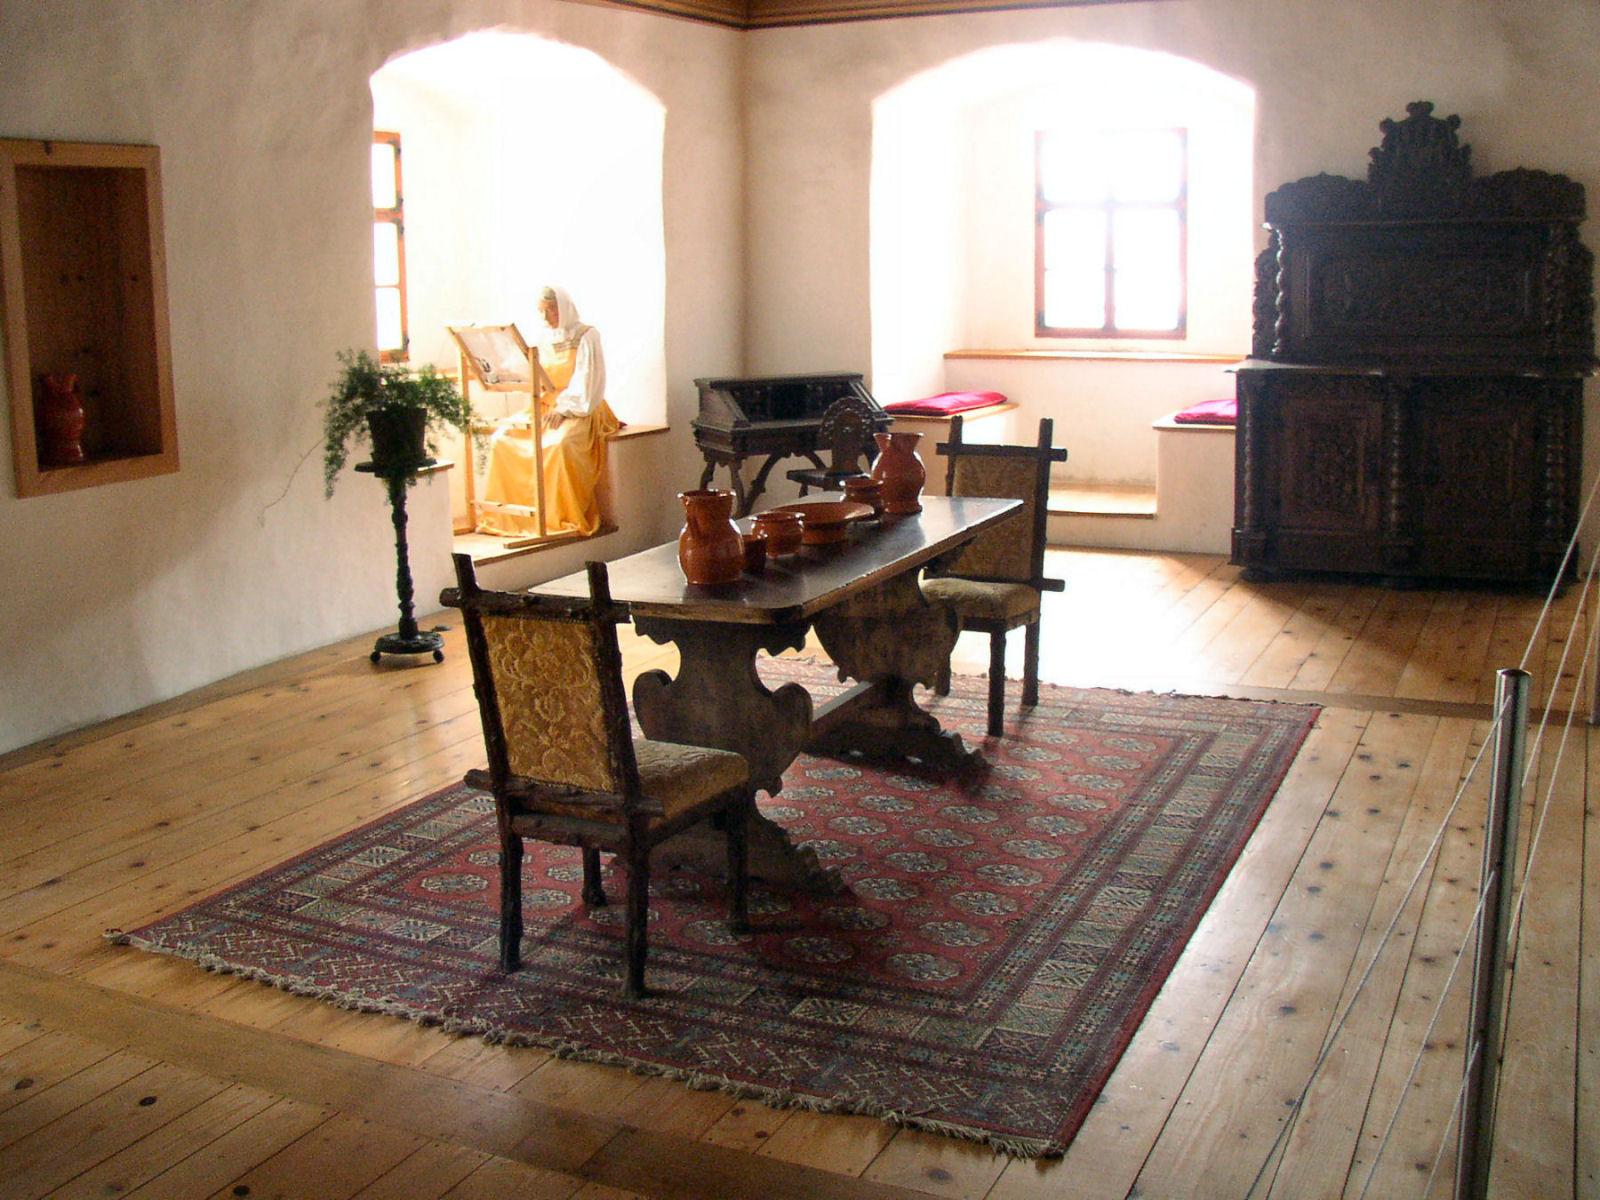 predjama-castle-slovenia-room-inside